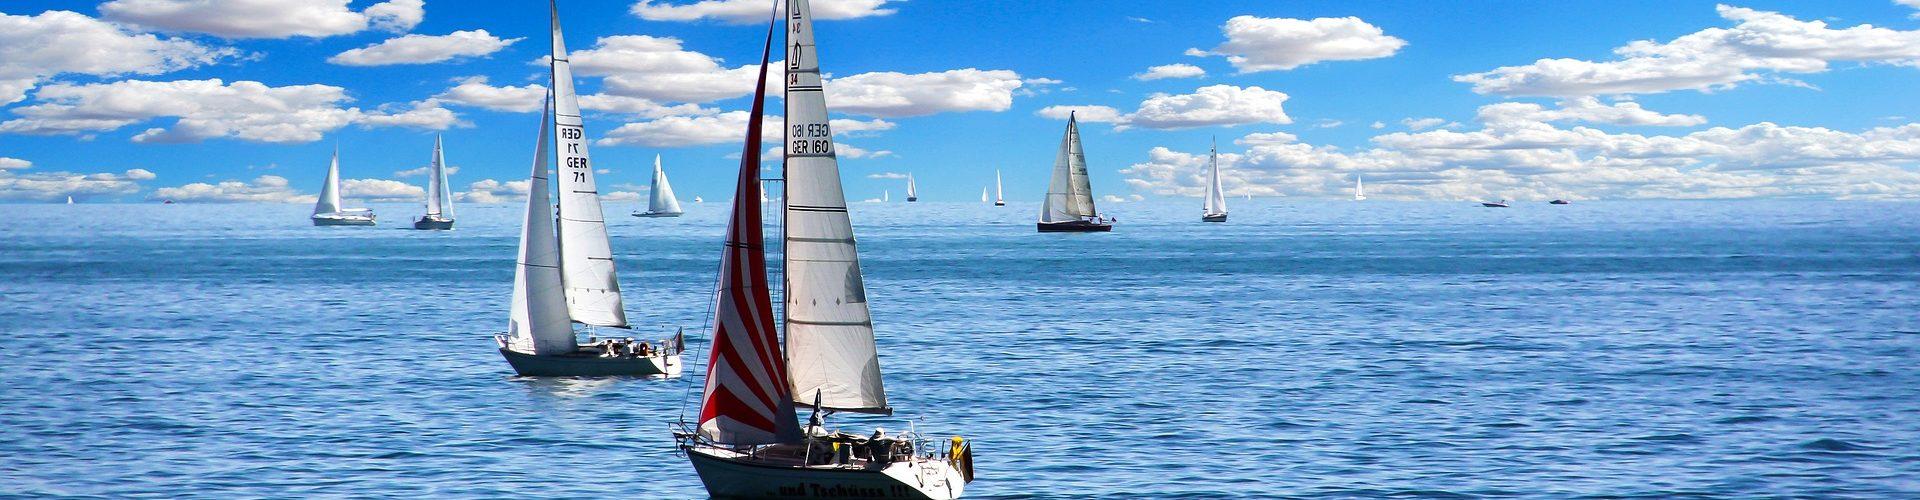 segeln lernen in Bad Langensalza segelschein machen in Bad Langensalza 1920x500 - Segeln lernen in Bad Langensalza